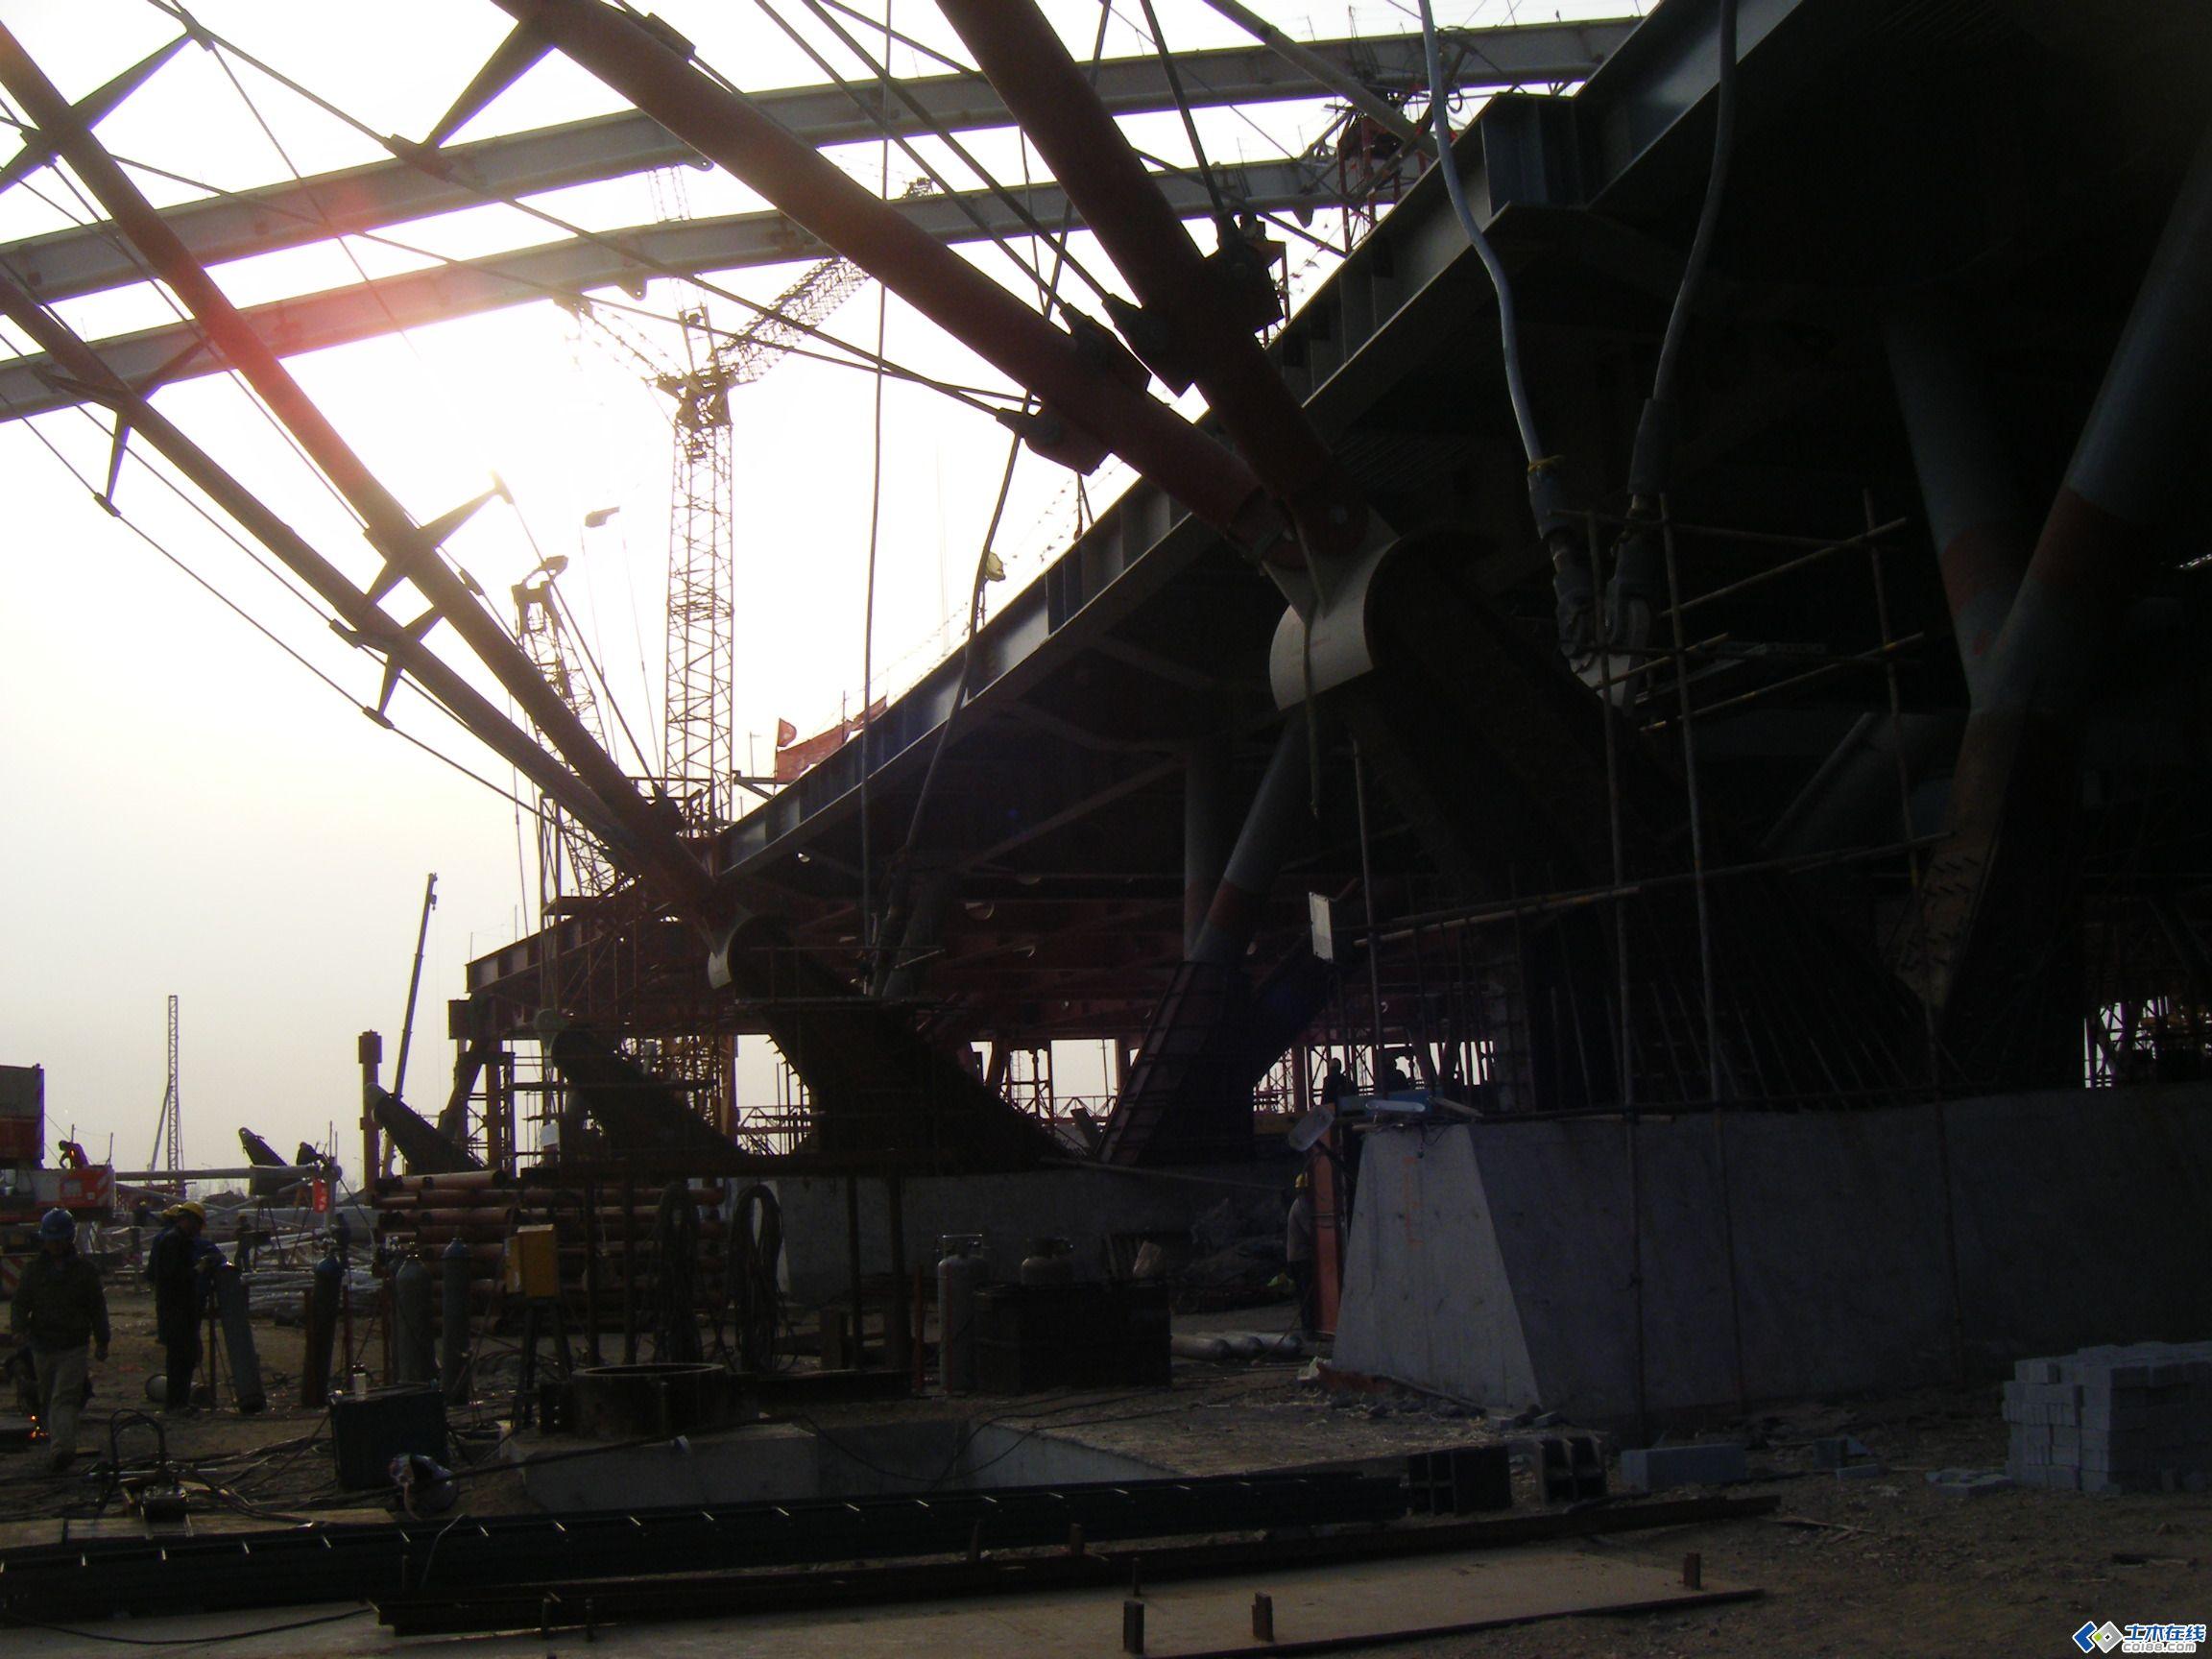 青岛北站的钢结构安装图片,那是相当相当的经典的工程,这个工程的图片我有十几个G,只是上传了一点点,包括整套施工图我都有,还包括整套的计算模型等,欢迎指教!!一定得顶,若顶到80层我就再上传施工图等!!!这个工程的图片还有好多好多没有上传噢噢噢噢 最近有些人私下跟我反映,说放在网上刷屏要刷很久才可以看,所以我为了更方便大家观看,下载等也不太方便,所以我为了方便大家观看,下载,我把图片全部放置在360云盘,请登录360云盘 由于图片实在太多,上传到土木网易论坛比较慢,图片我全部放在我的360云盘,需要的可以加